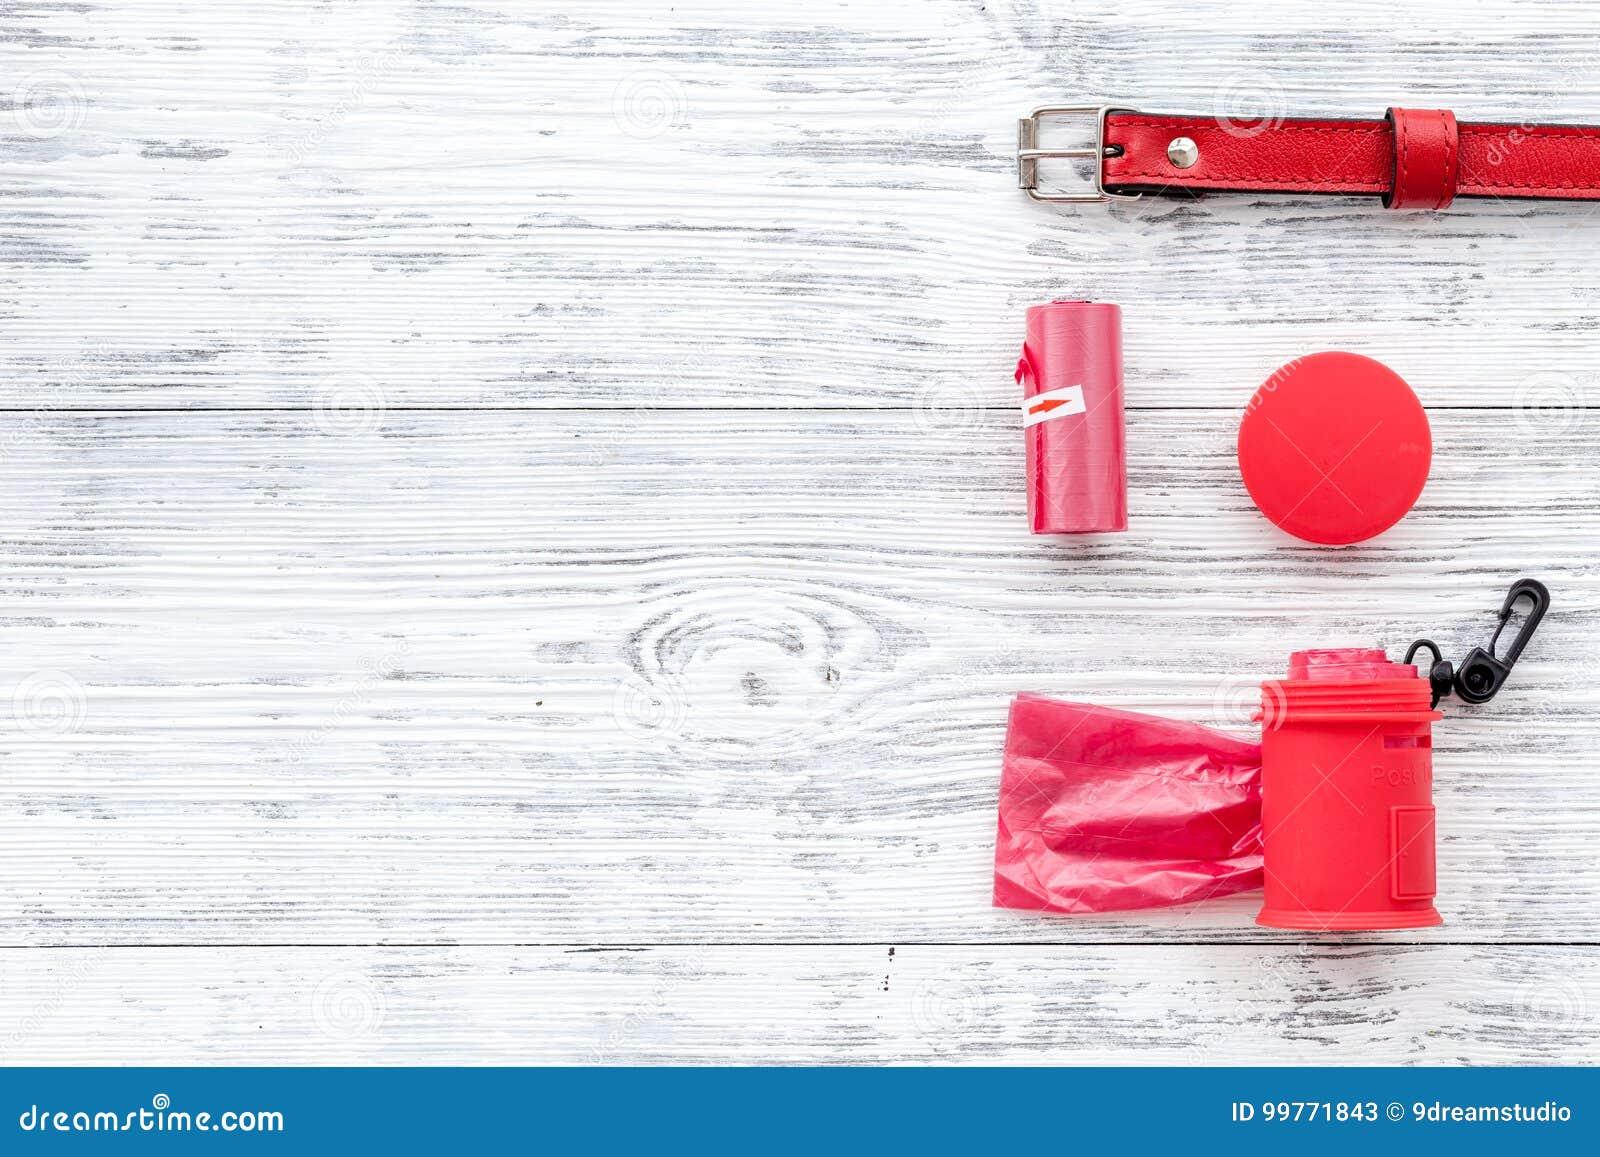 Προσοχή της Pet και κόκκινα εργαλεία καλλωπισμού με το περιλαίμιο στο άσπρο ξύλινο διάστημα άποψης υποβάθρου τοπ για το κείμενο